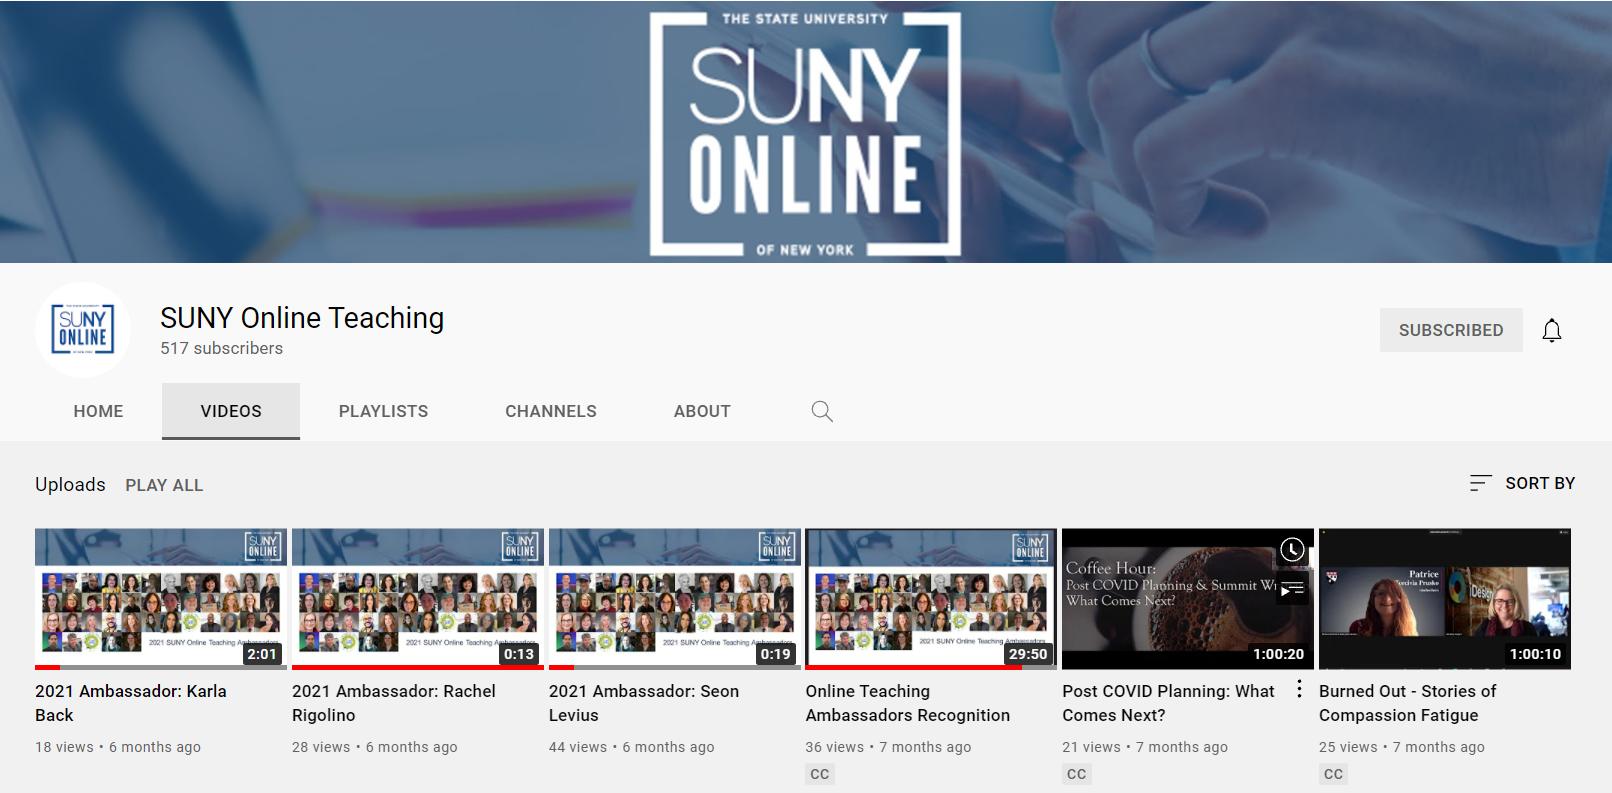 SUNY Online YouTube channel